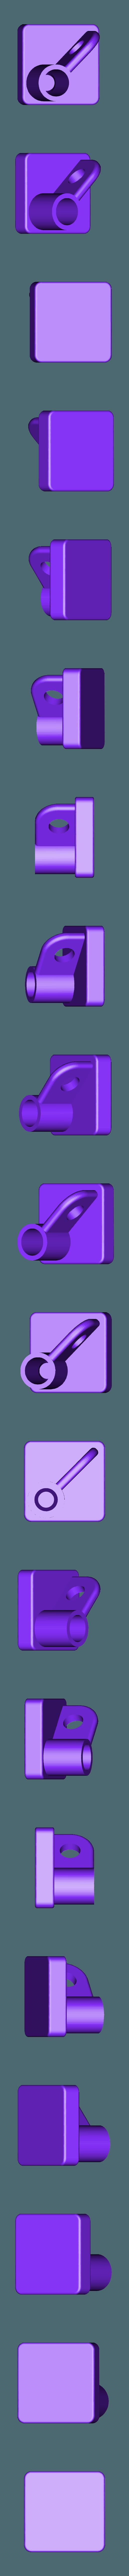 """18mm_Stake_Top_v2.stl Télécharger fichier STL gratuit Poteau de piquetage pour la pêche en kayak (1/2"""" EMT) • Plan à imprimer en 3D, LilMikey"""